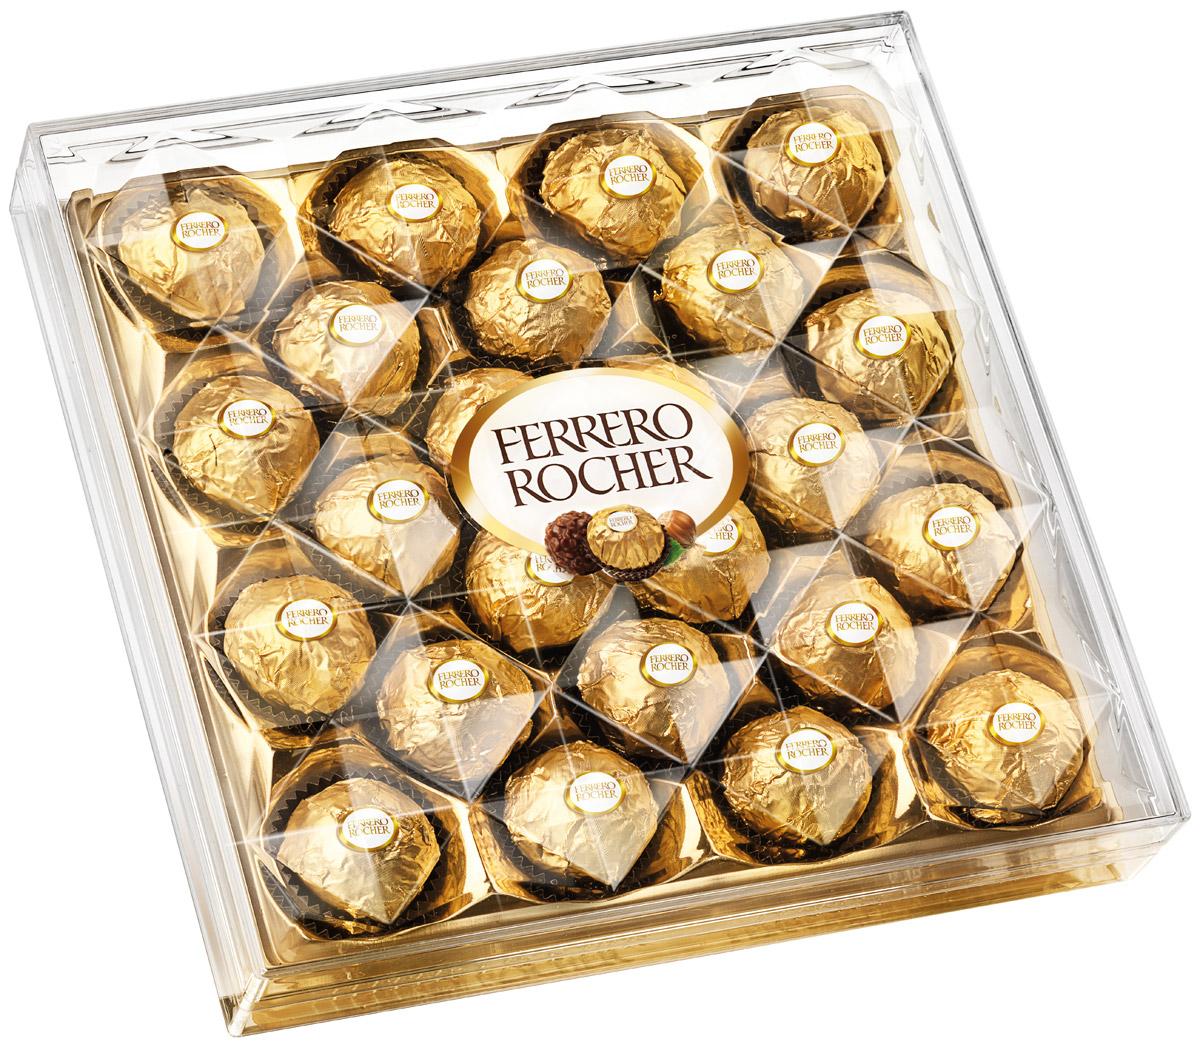 Отборный цельный лесной орех в окружении молочного шоколада и нежного орехового крема, заключенные в хрустящую вафельную оболочку, покрытую шоколадно-ореховой крошкой.